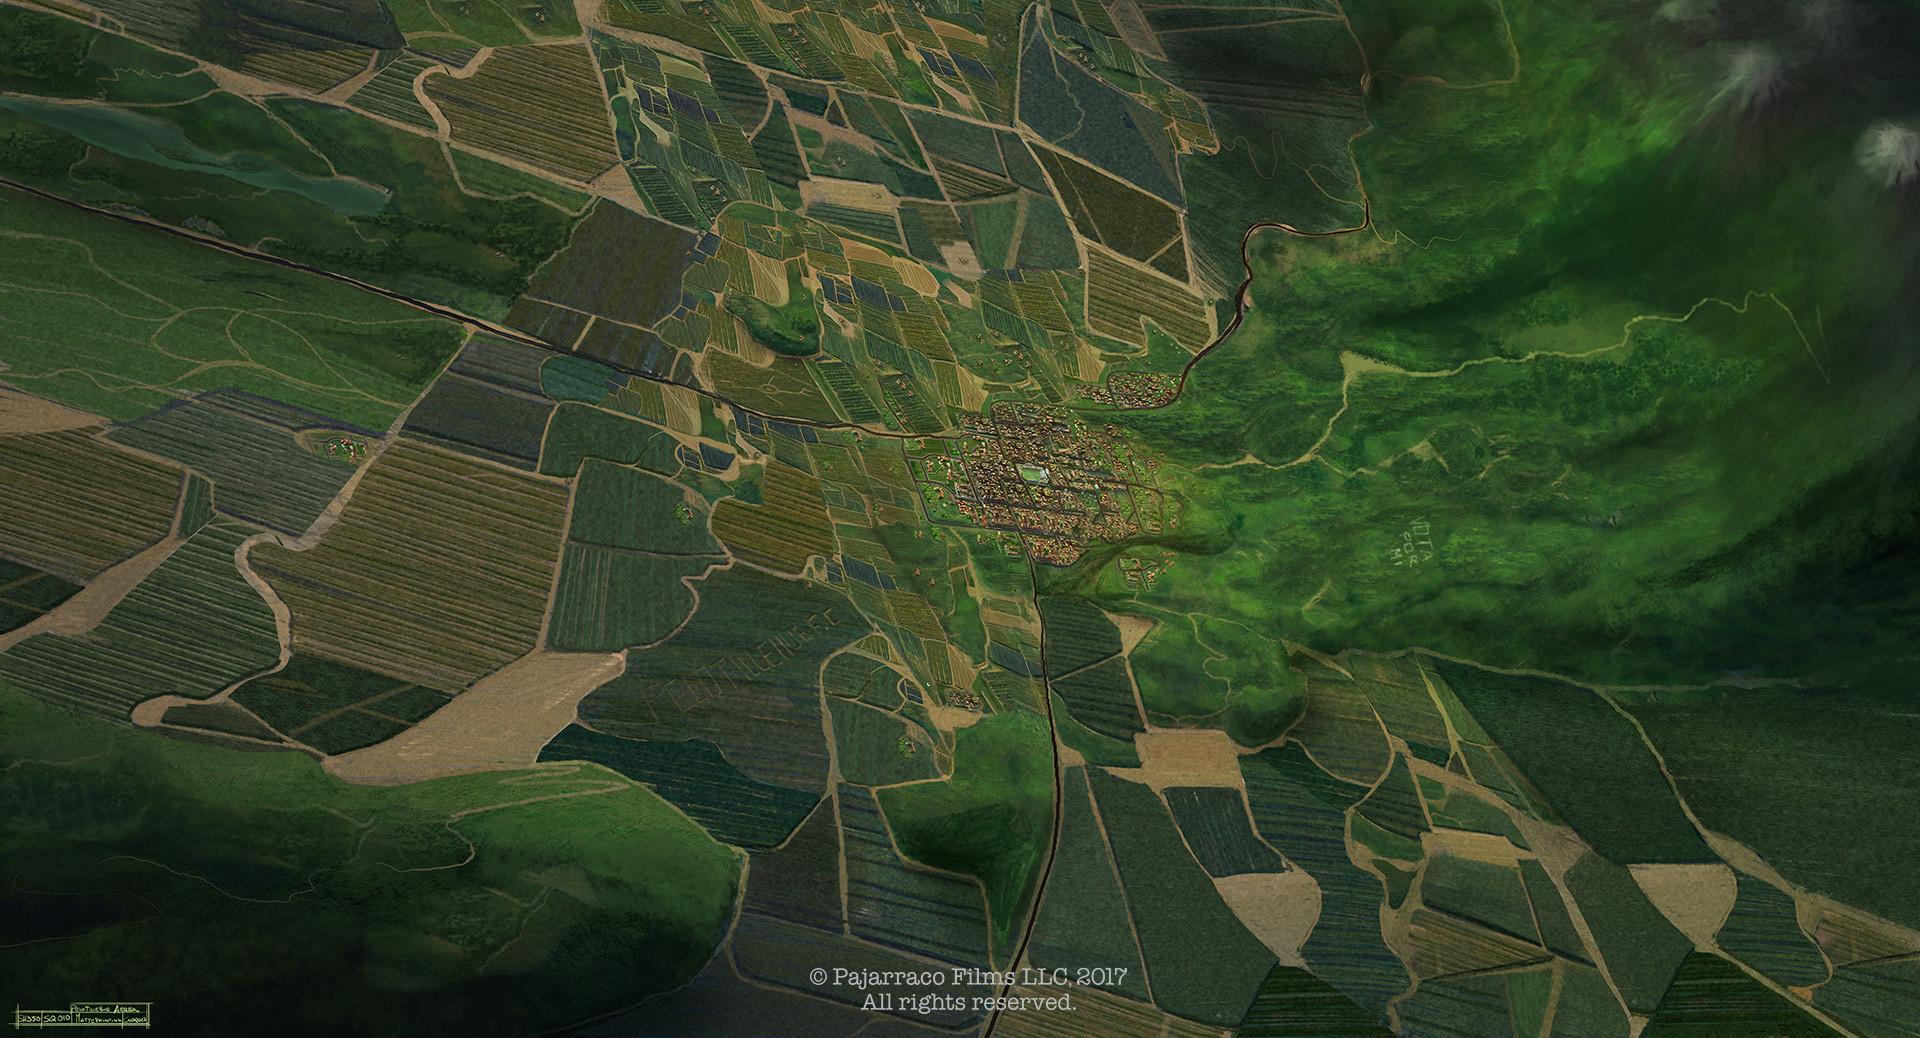 Santiago fuentes cndr ep010 sq010 sh0350 matte terreno v002